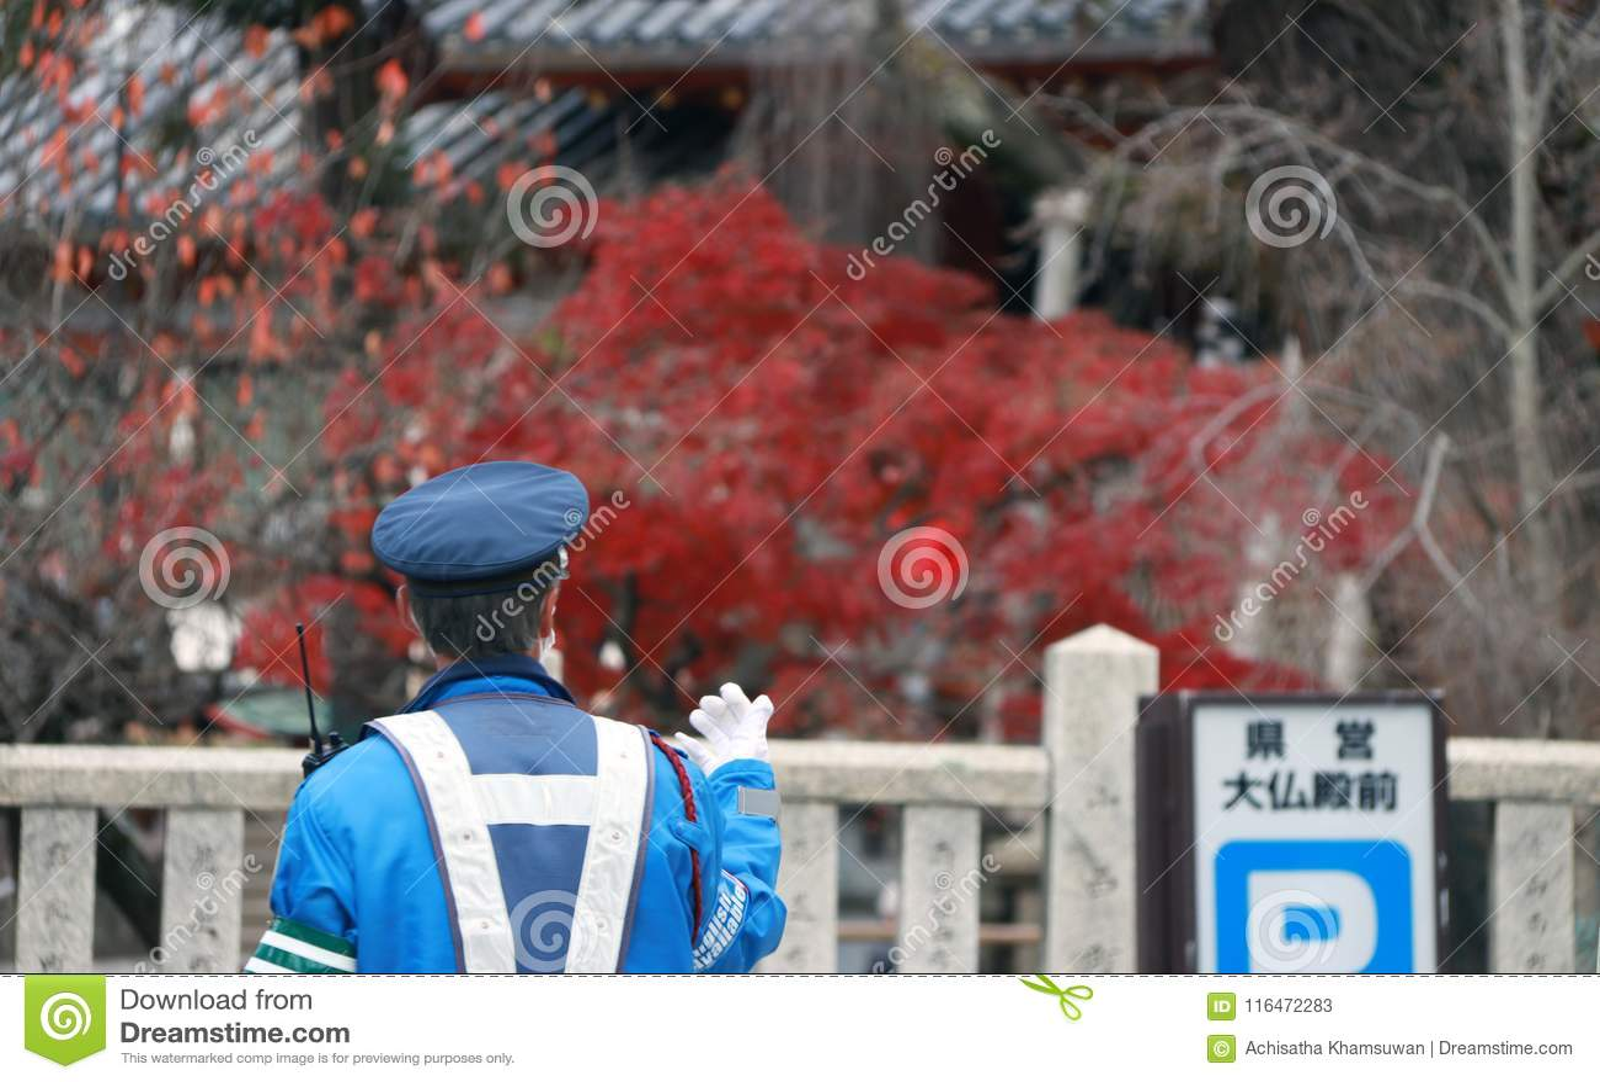 Detrás de la policía de tráfico japonesa en deberes de ejecución uniformes del azul en la calle